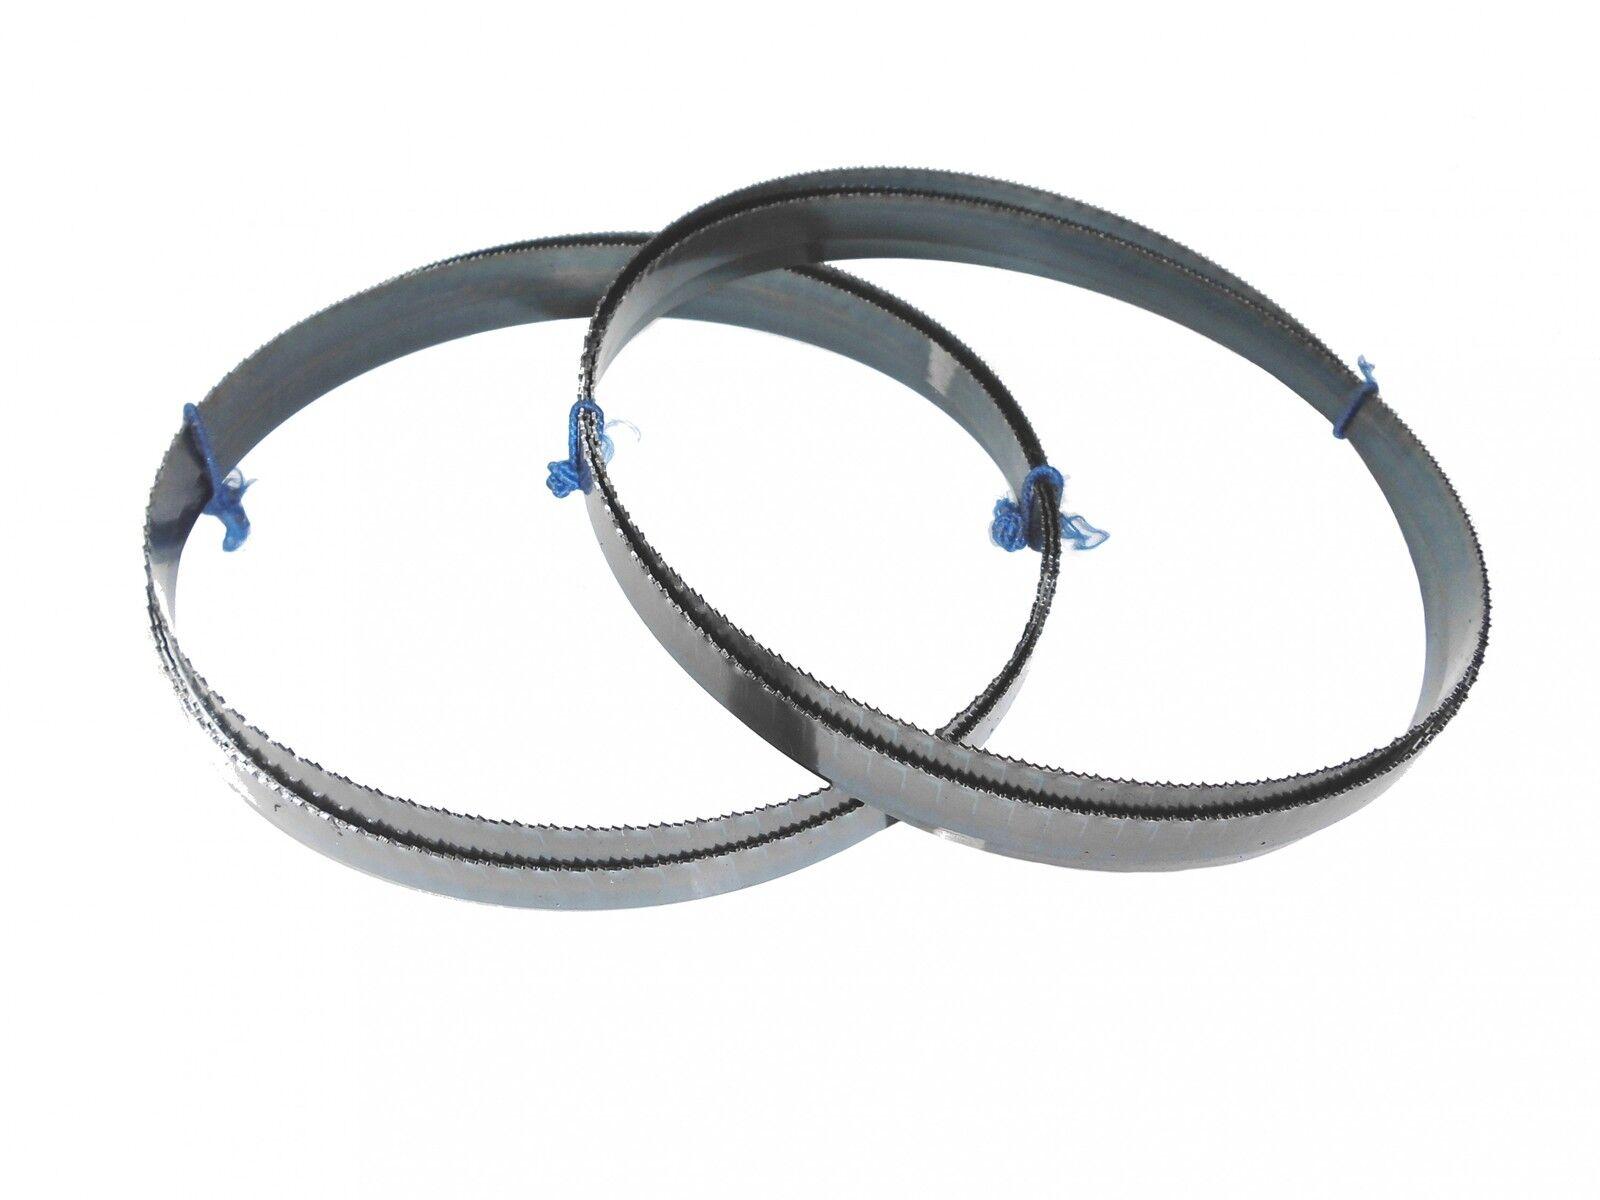 2 X Sägebänder Sägeband 1638 X 13 X 0,65 Mm 14 Zpz Metall Interkrenn Quantum